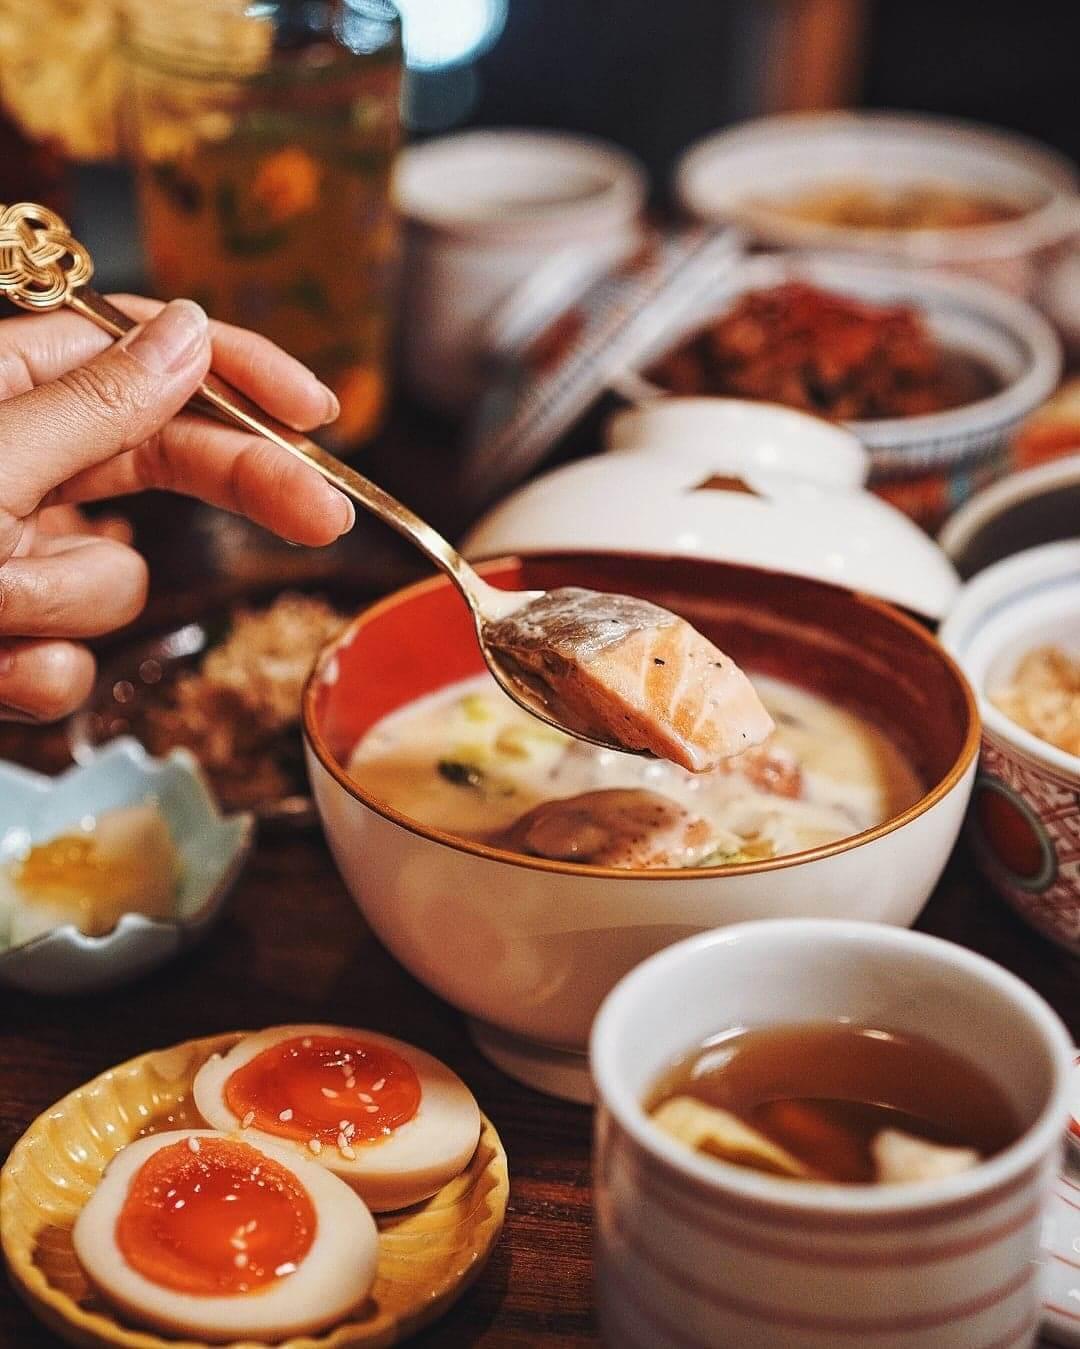 日本家庭式料理,可以係婆婆咖啡屋食到啦!